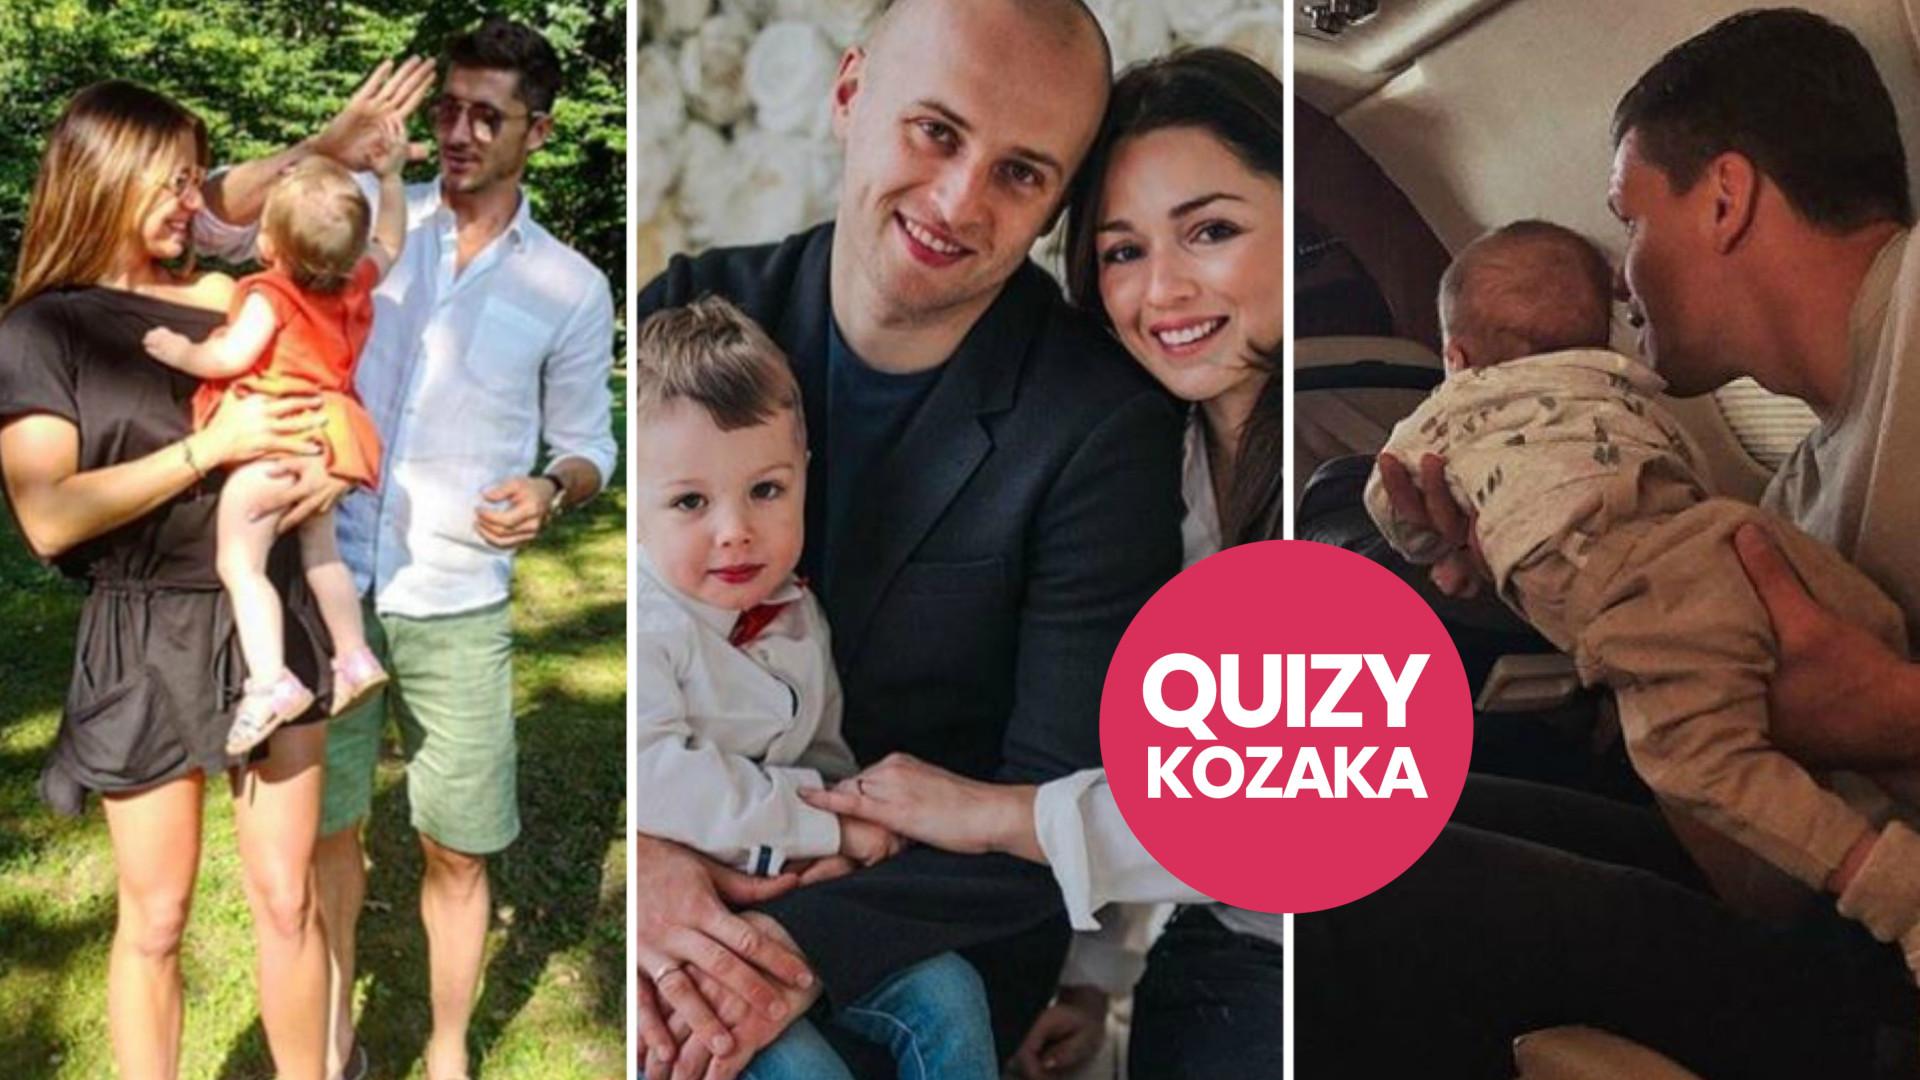 Imiona DZIECI polskich PIŁKARZY (QUIZ)